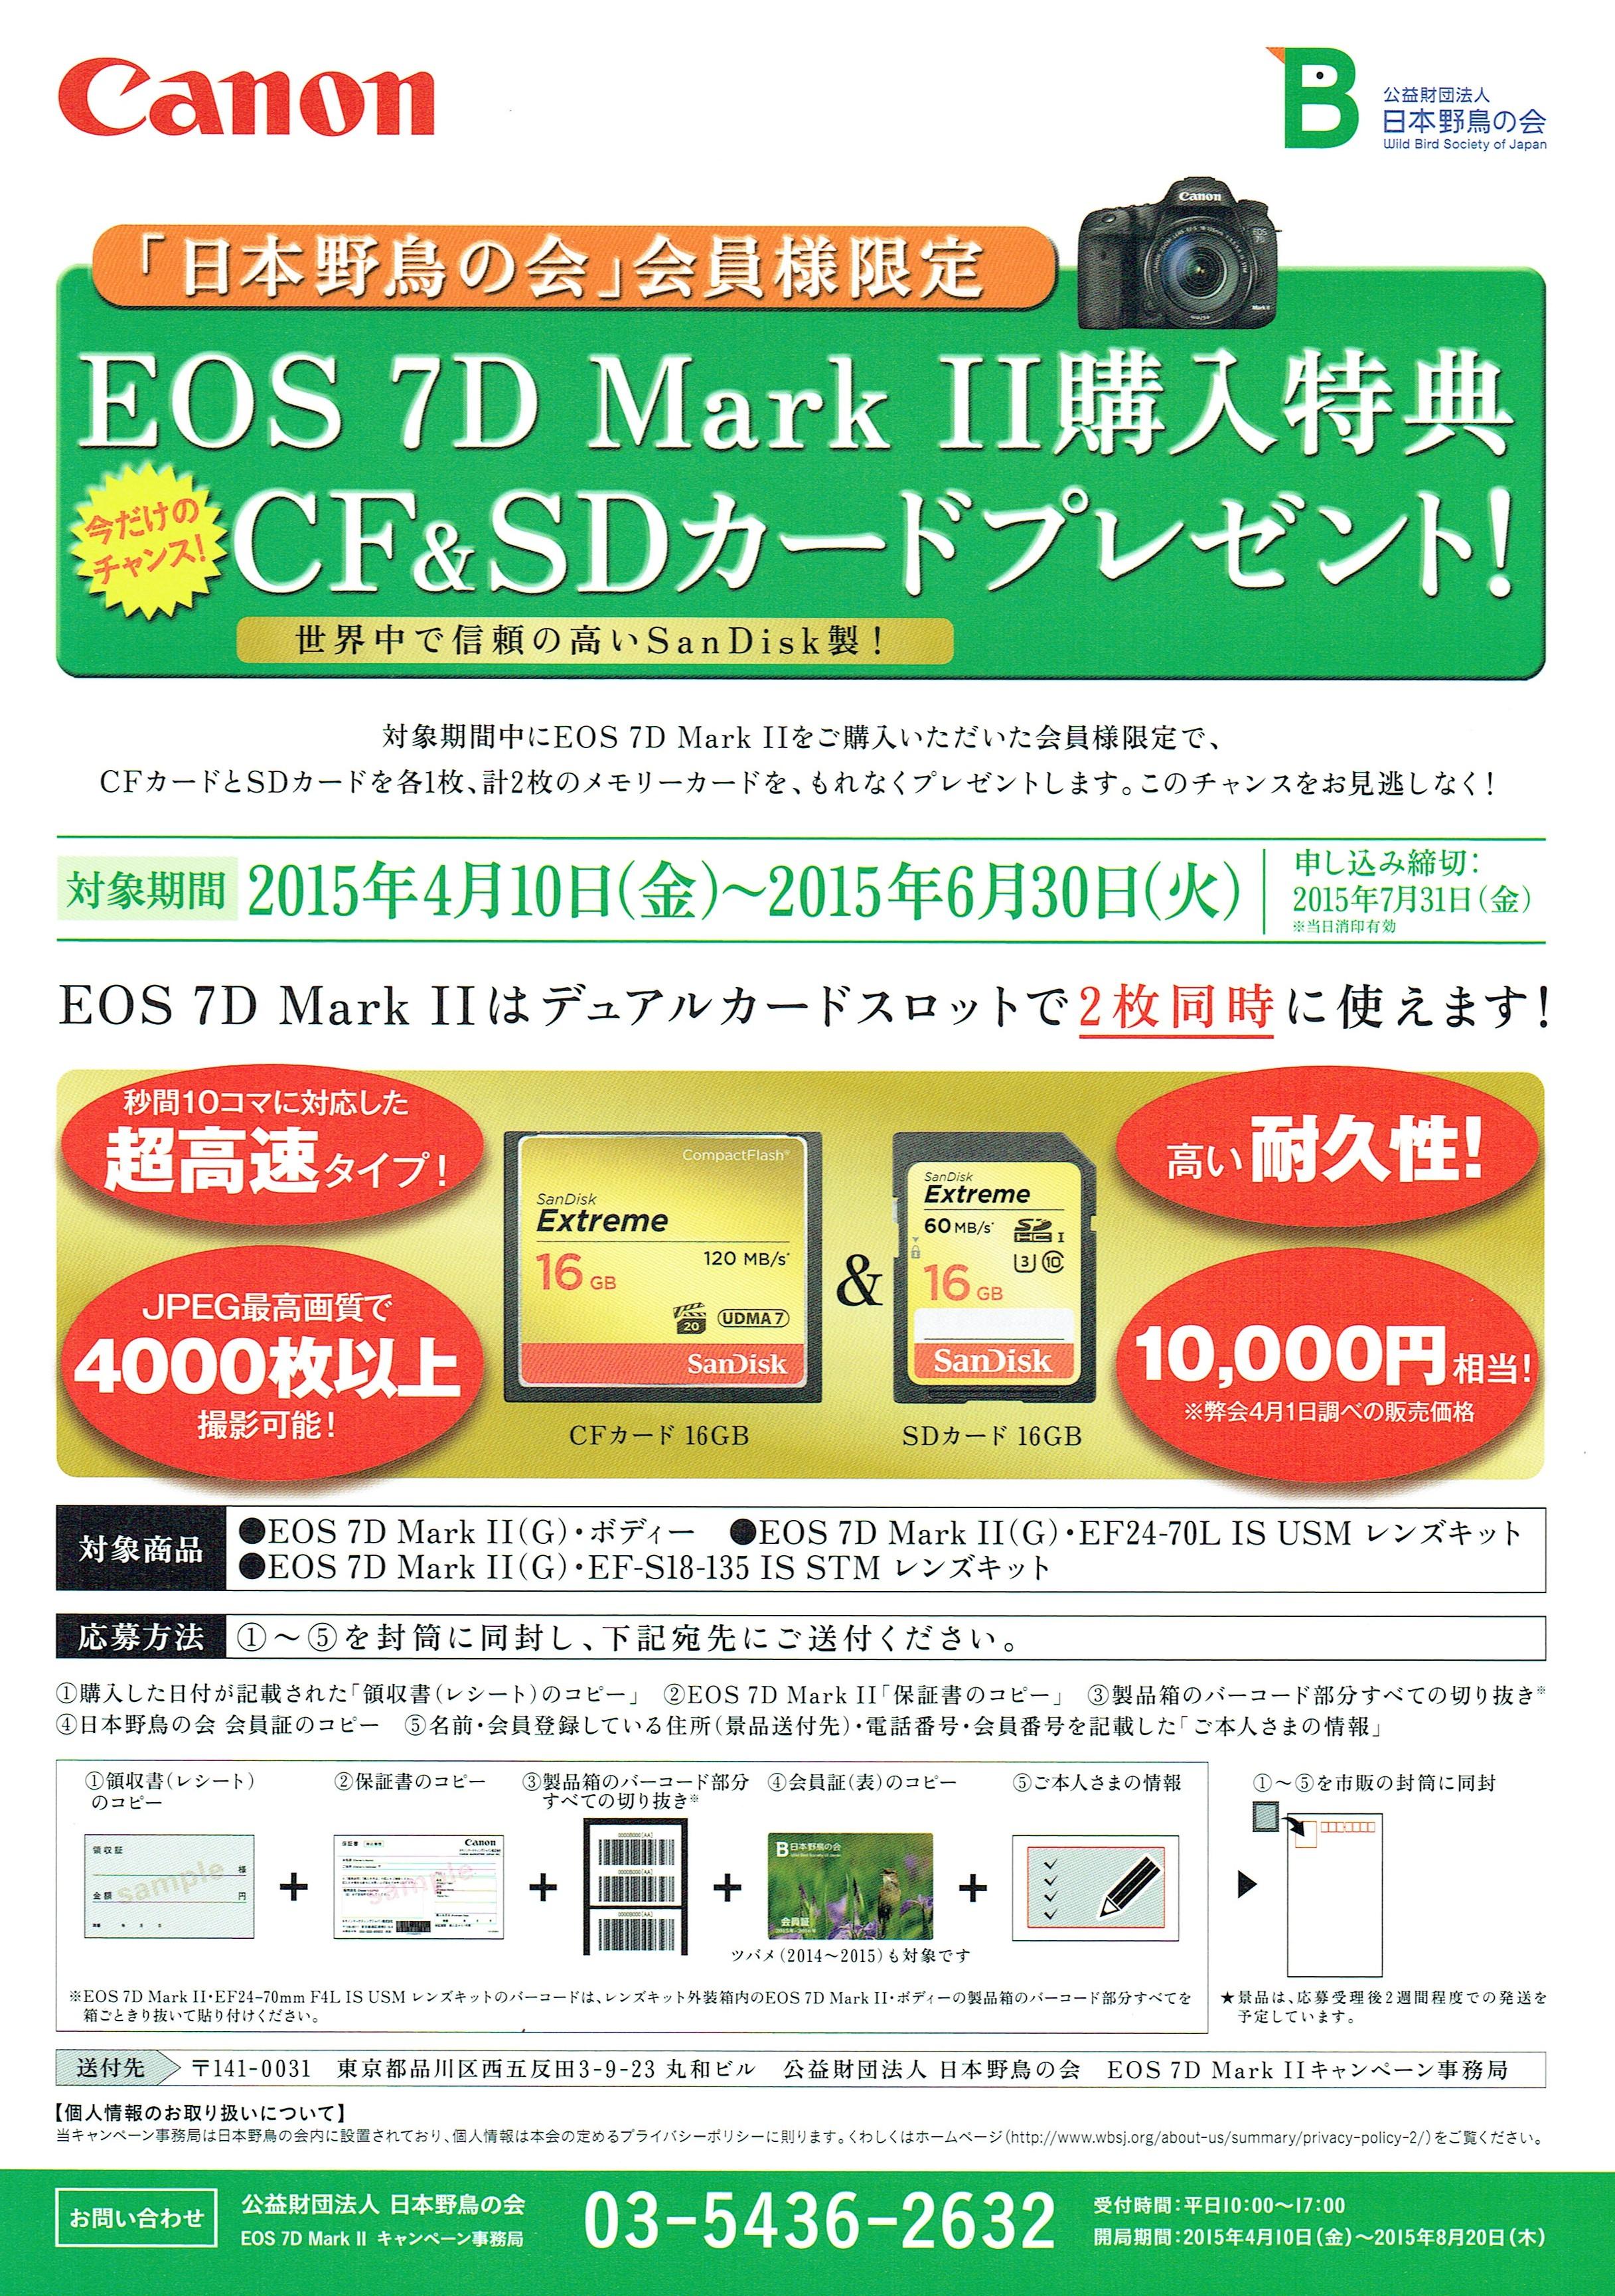 CCI20150501.jpg